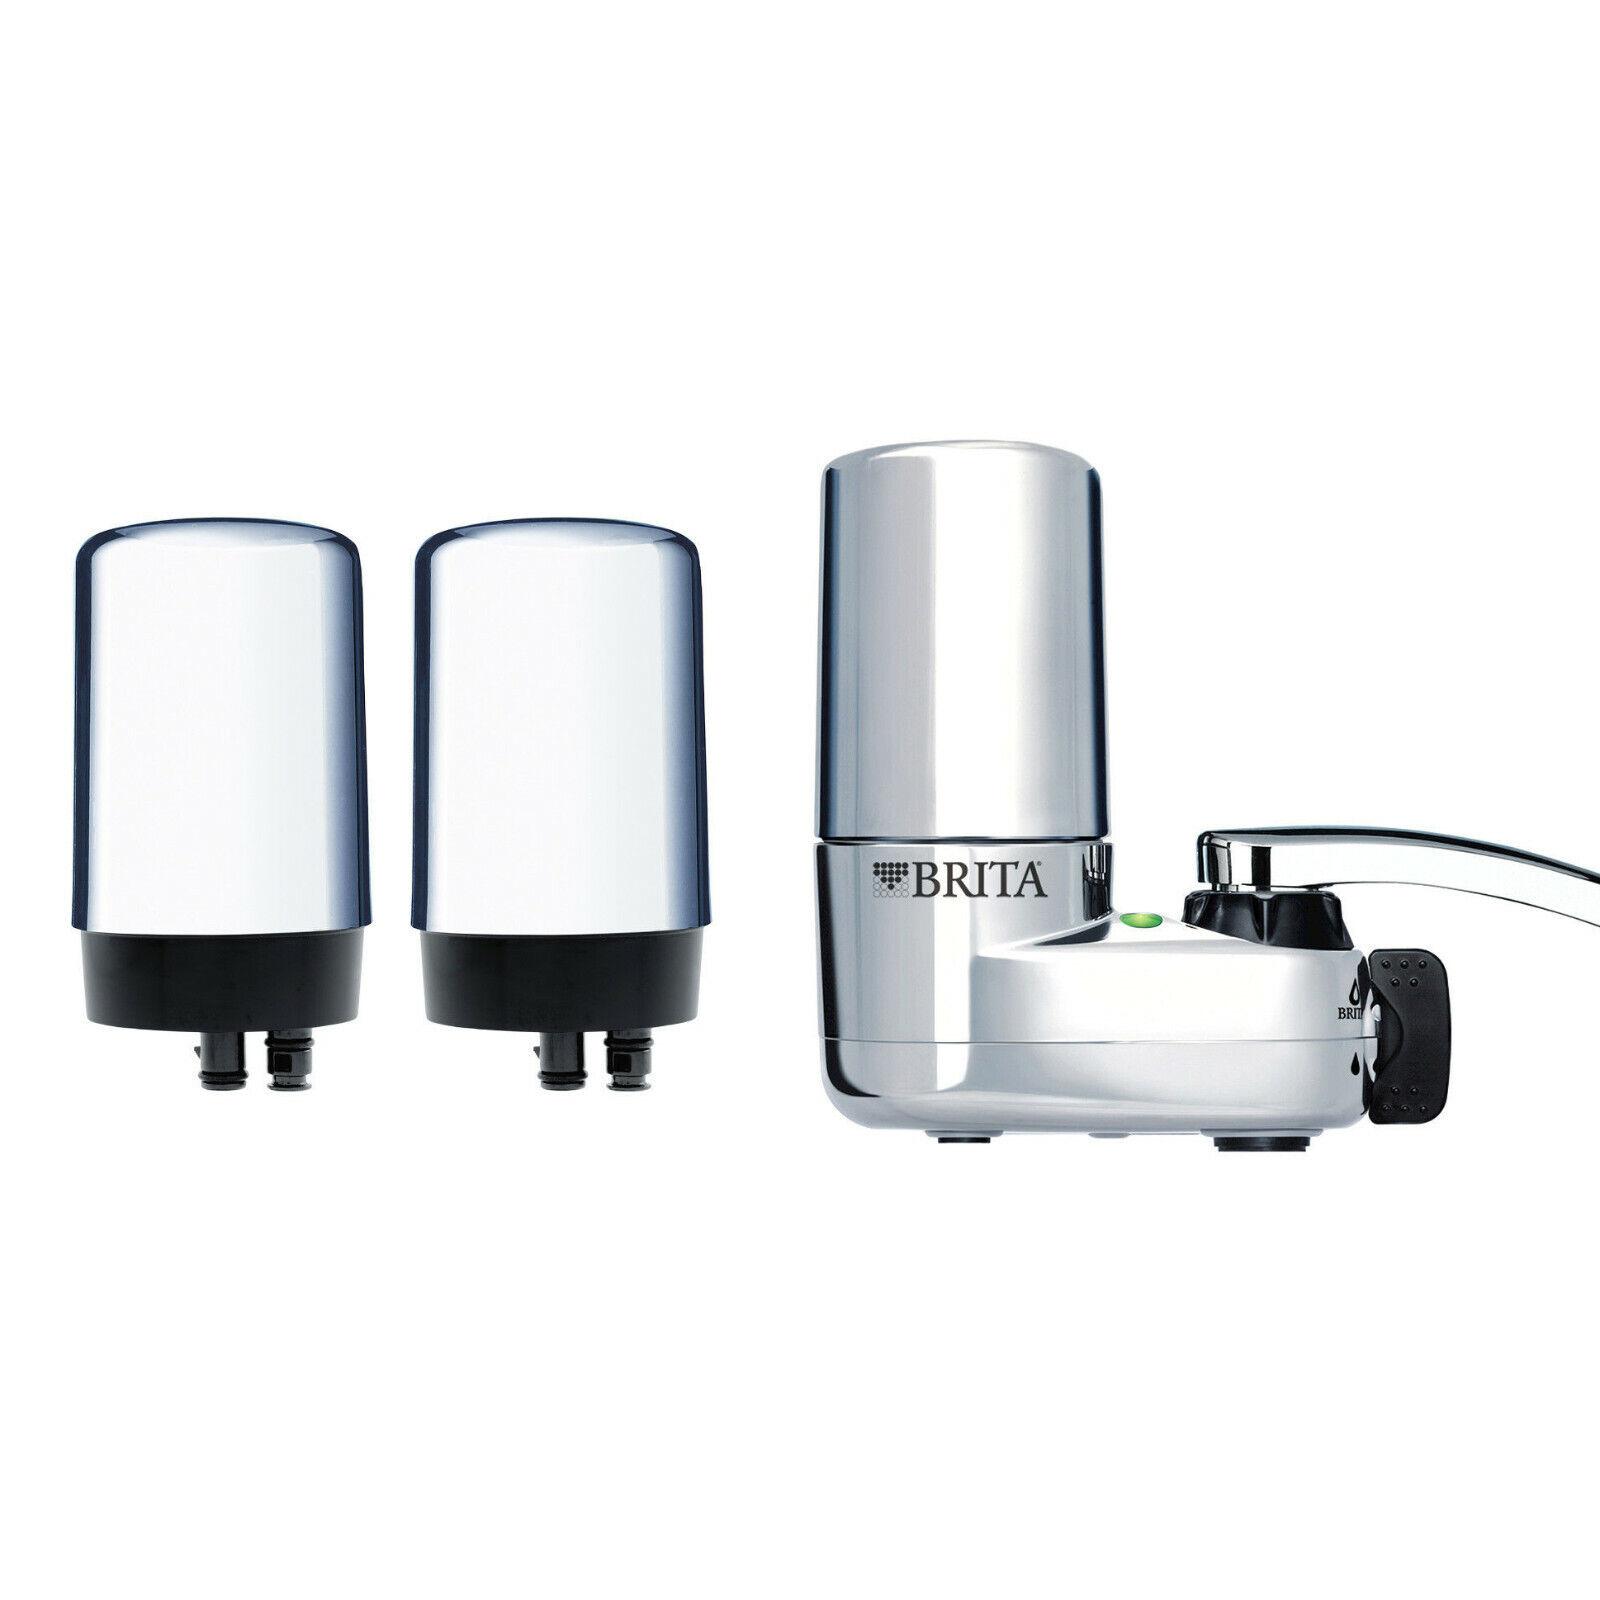 BRITA  1 Robinet Montage De Filtration D'eau Système Chrome 3-Filtres Haute Qualité Neuf